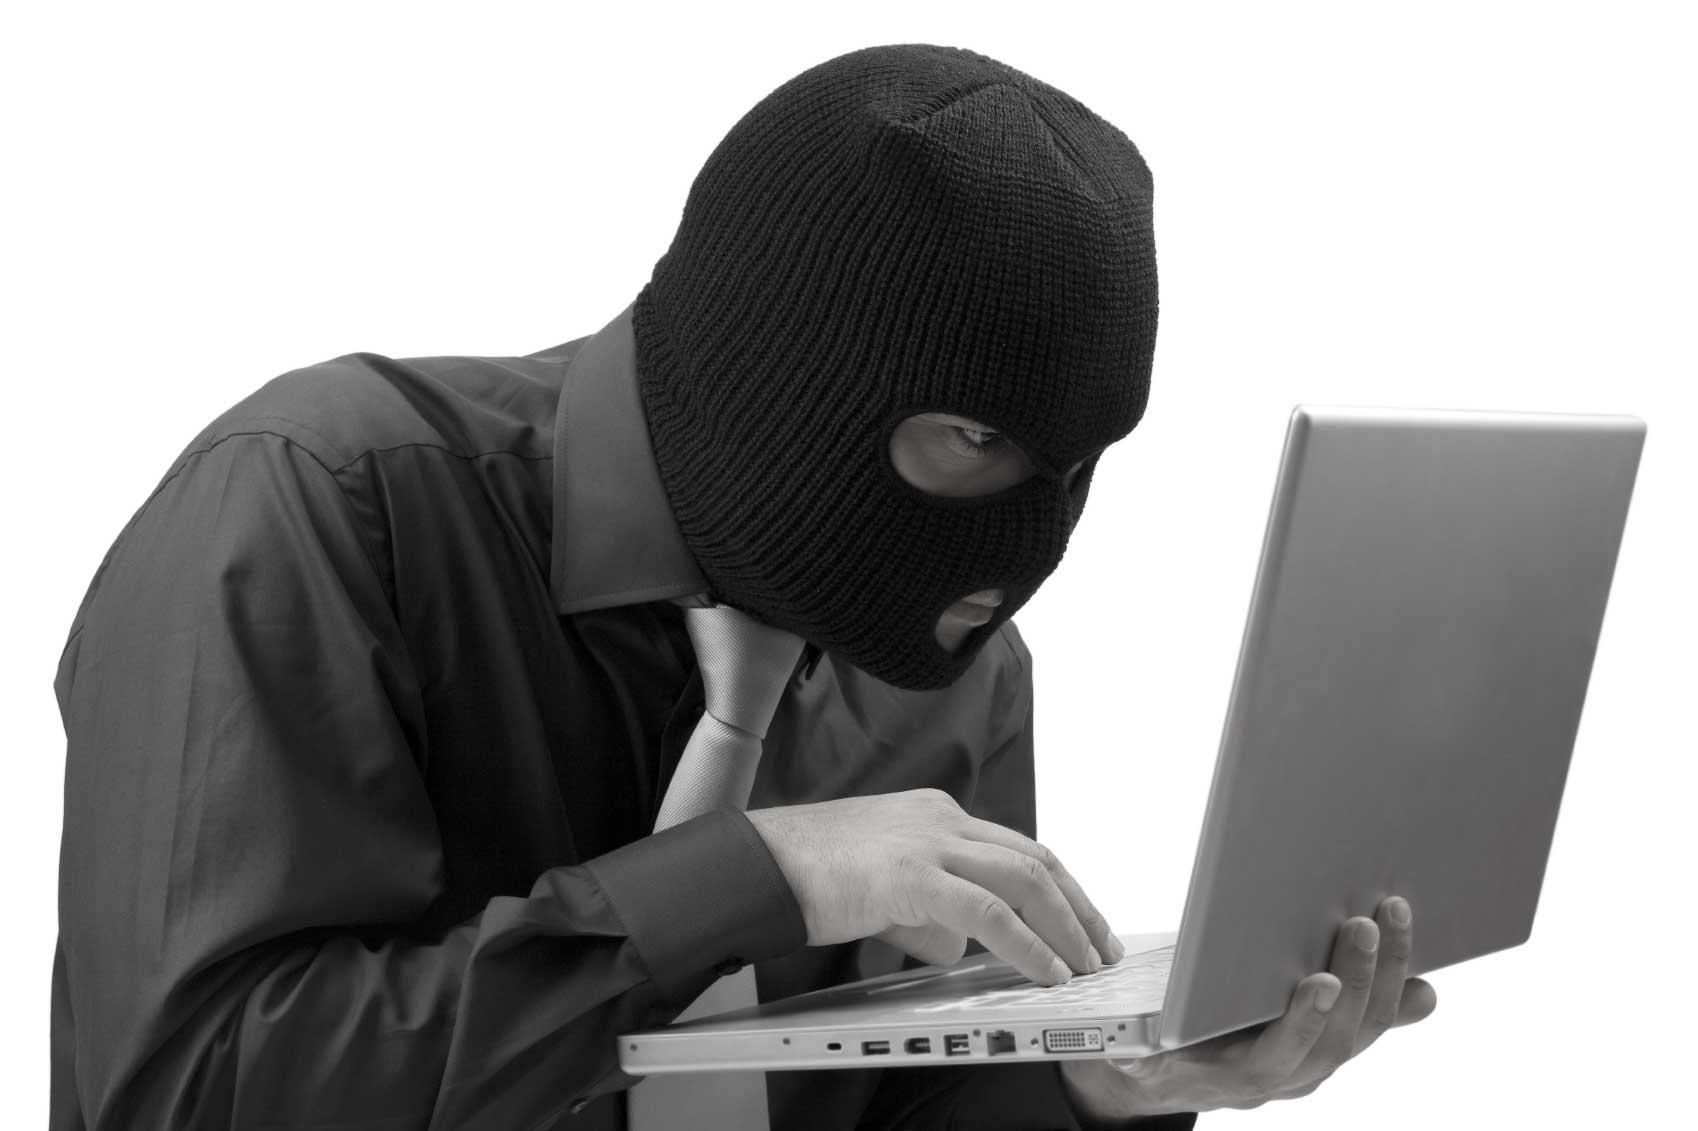 Wiadomo¶ci e-mail o zaleg³ych p³atno¶ciach mog± tak naprawdê byæ oszustwami